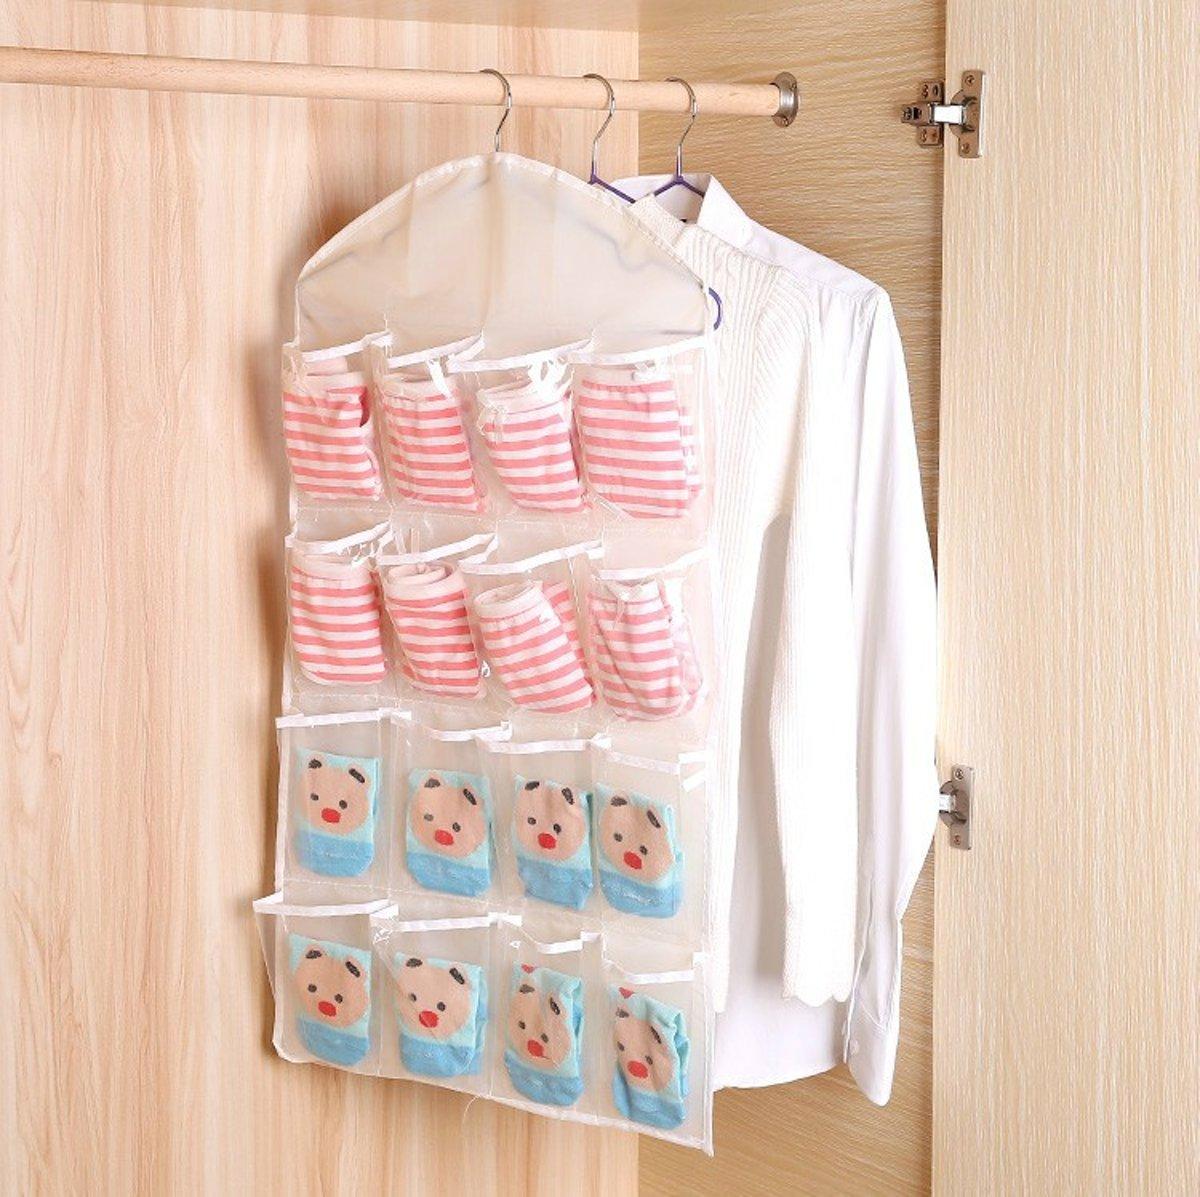 Ophangbare organizer / Tentorganizer - Handige organizer voor al uw kledingstukken - Gebruiken om kleding, portomennees, sleutels en andere kleine voorwerpen op te bergen. kopen